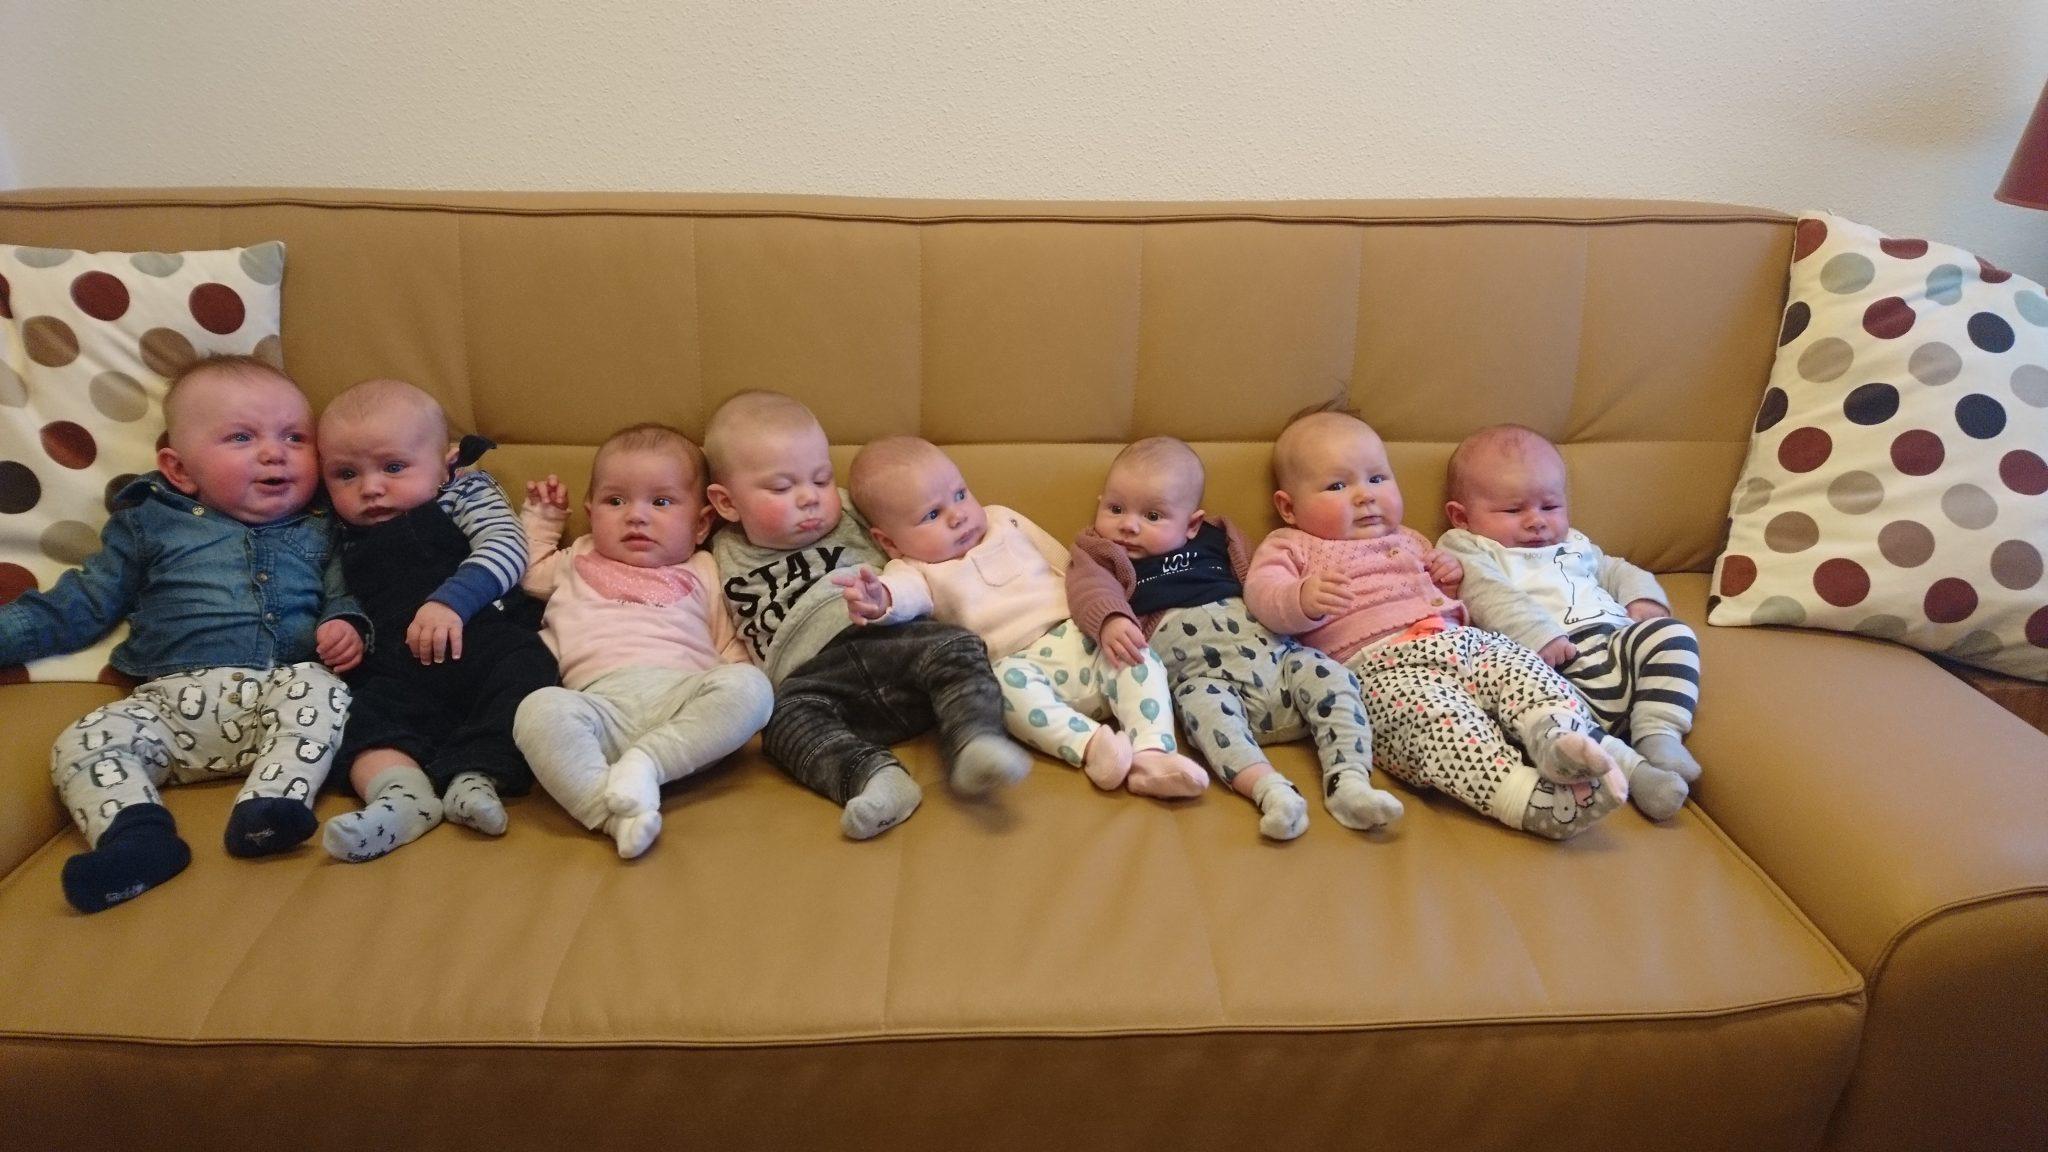 Acht baby's liggen naast elkaar op een bank.